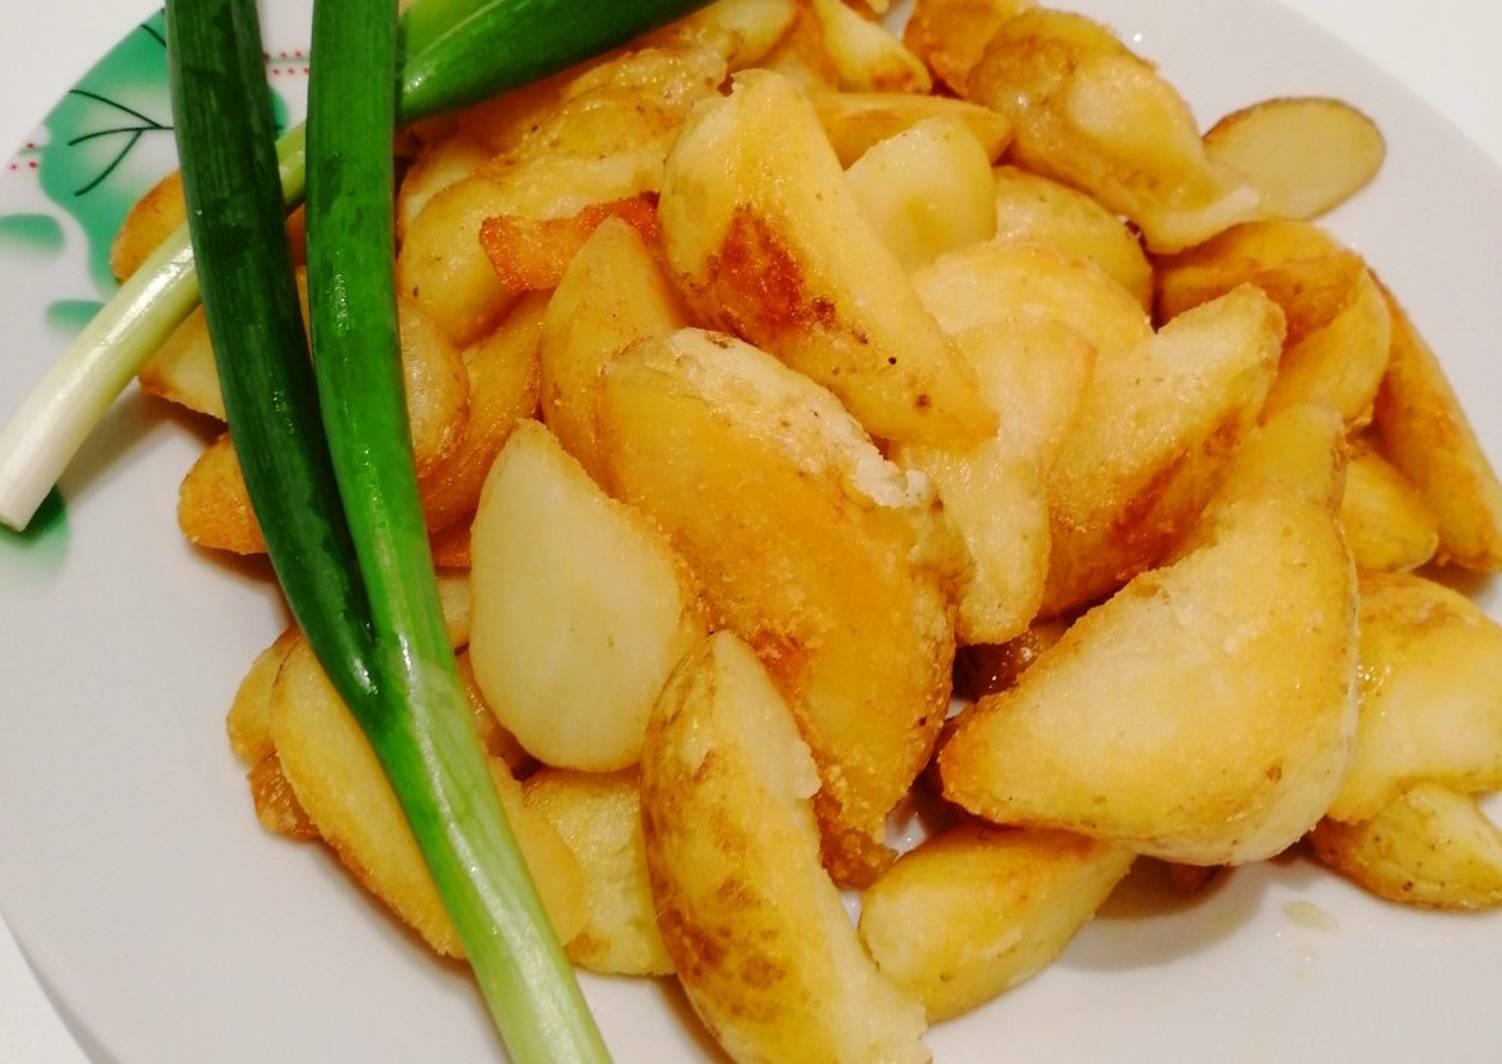 картофель по деревенски рецепт с фото пошагово